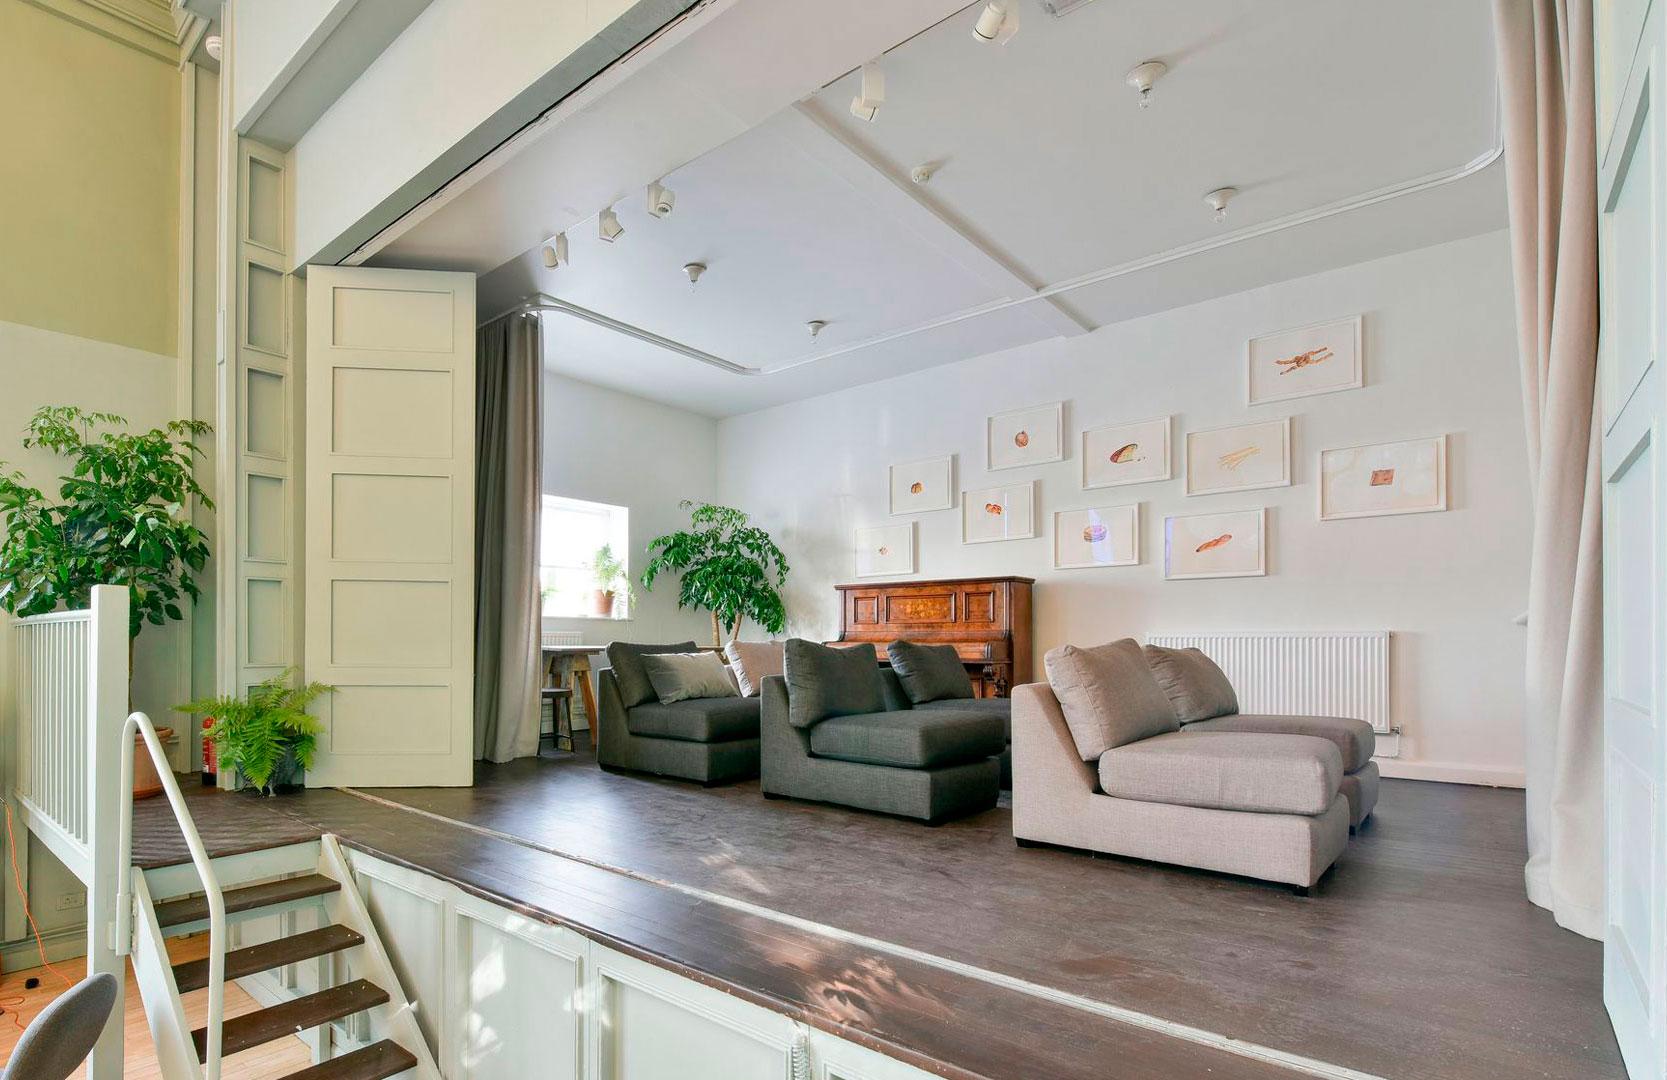 Teti lampada da parete e soffitto